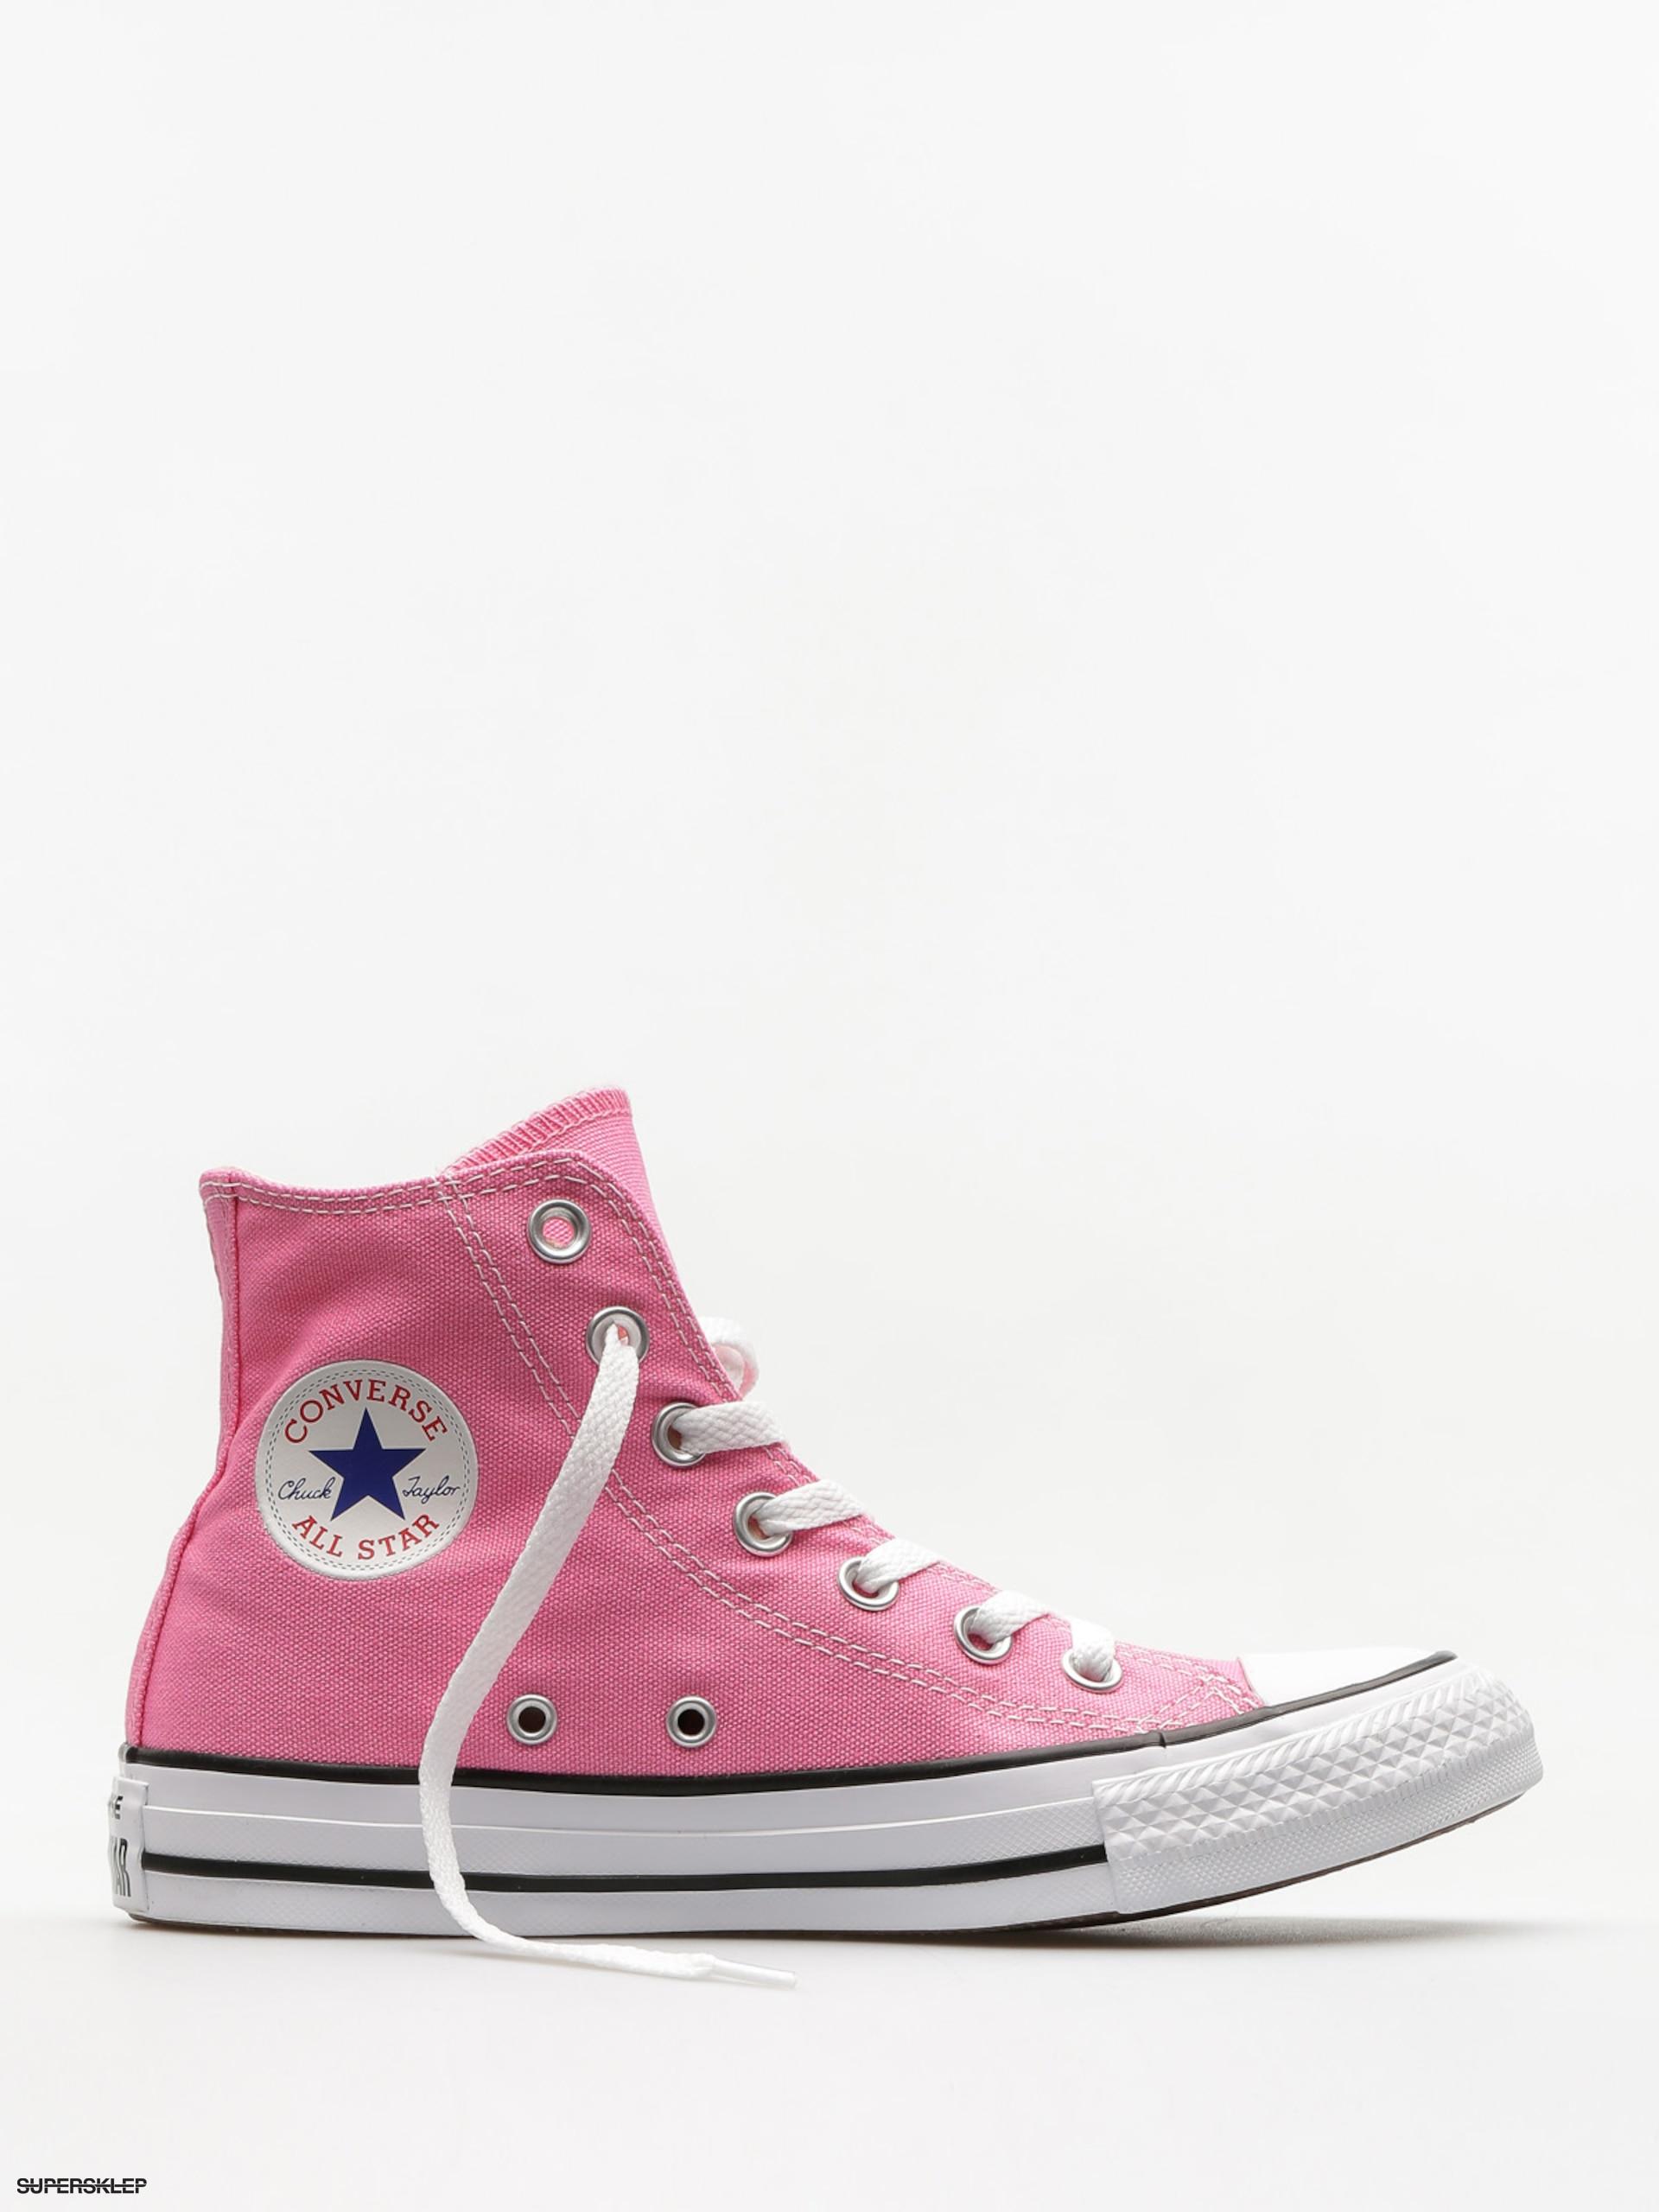 Tenisky Converse Chuck Taylor All Star Hi (pink) 9c81bf3cc3a